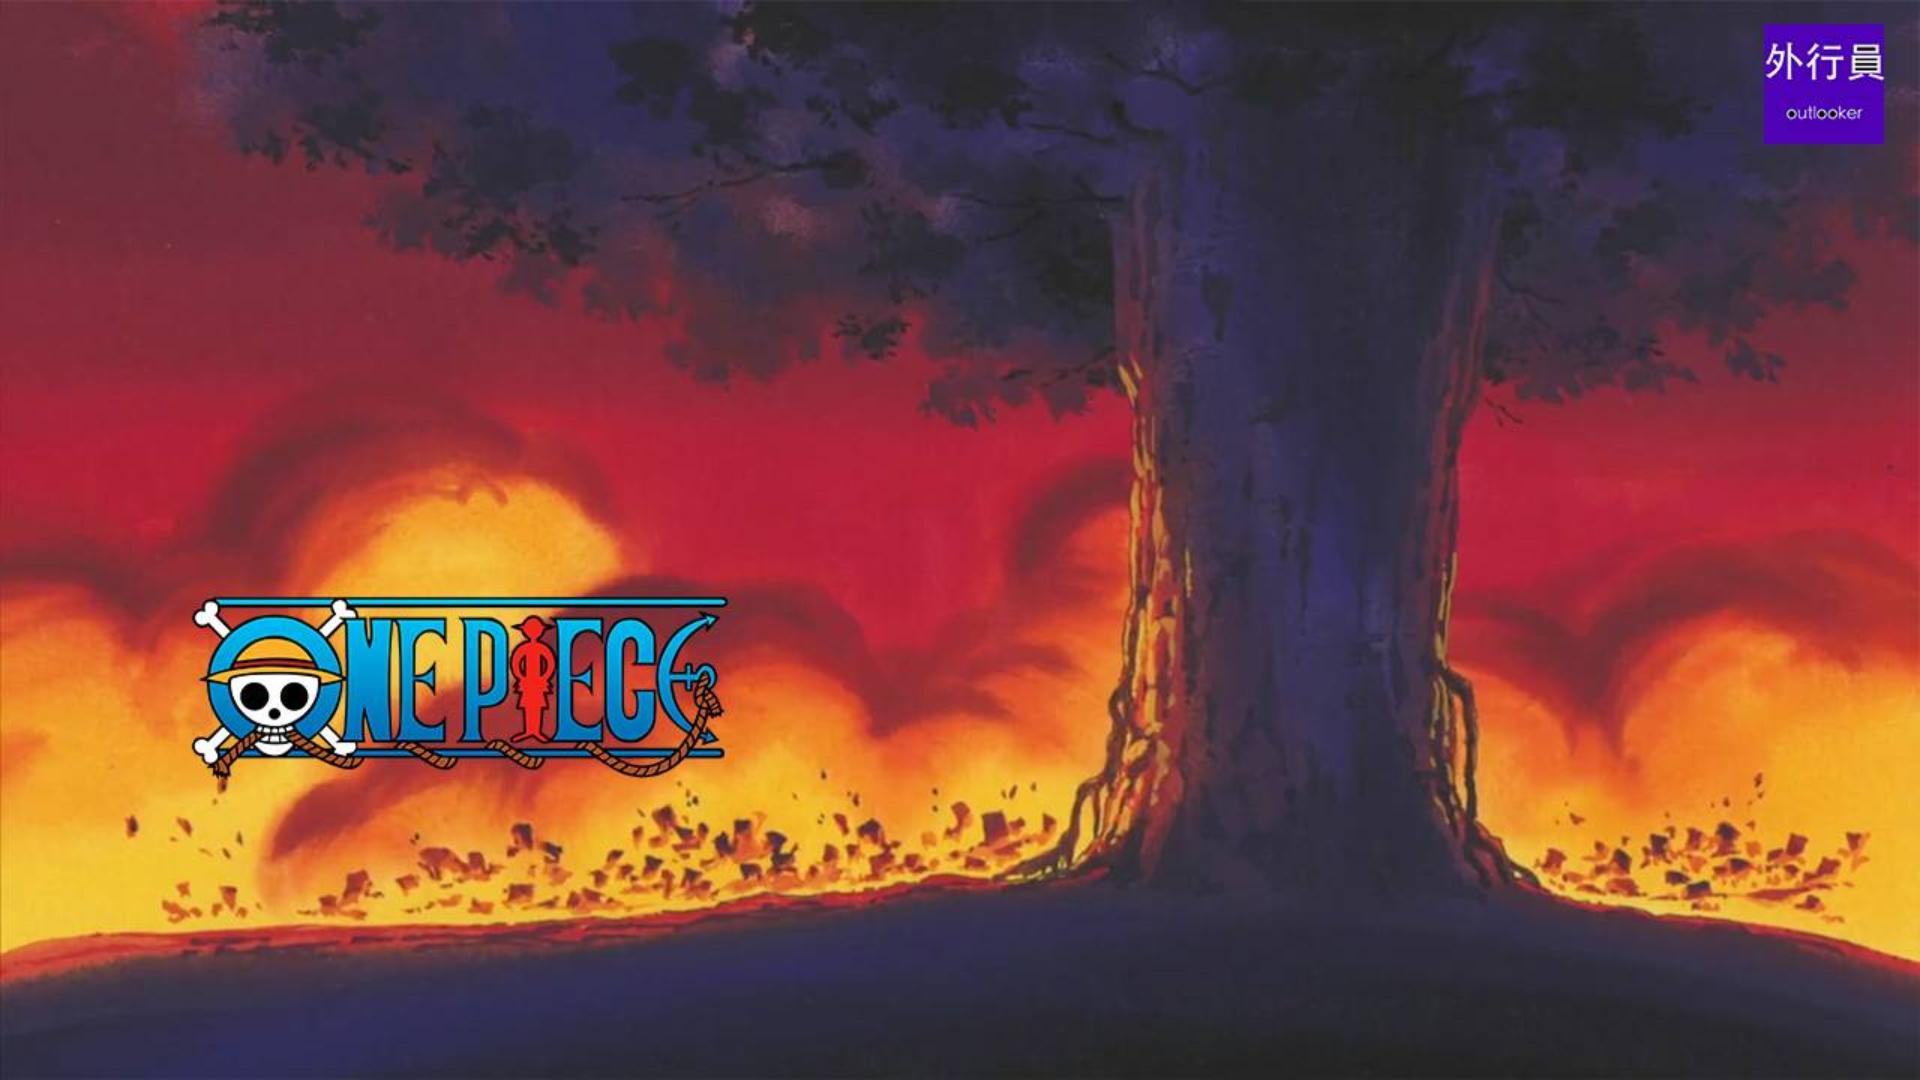 海贼王专题#545: 海贼王世界的五大最强巨树